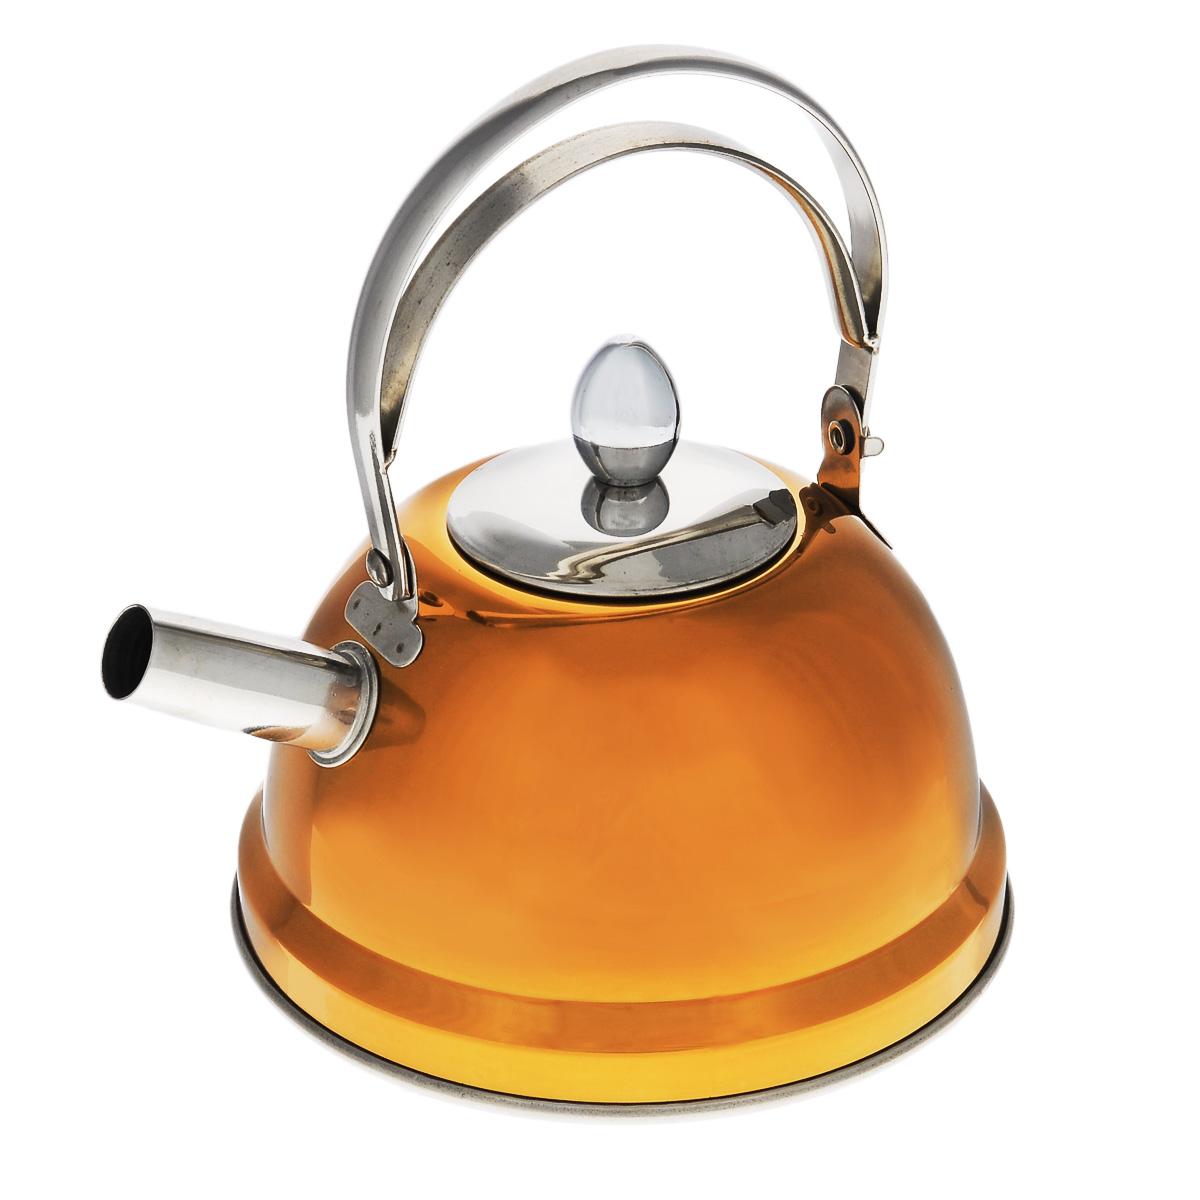 Чайник Bekker De Luxe, с ситечком, цвет: оранжевый 0,8 л. BK-S430BK-S430Чайник Bekker De Luxe выполнен из высококачественной нержавеющей стали, что обеспечивает долговечность использования. Внешнее цветное зеркальное покрытие придает приятный внешний вид. Капсулированное дно распределяет тепло по всей поверхности, что позволяет чайнику быстро закипать. Эргономичная подвижная ручка выполнена из нержавеющей стали. Чайник снабжен ситечком для заваривания. Можно мыть в посудомоечной машине. Пригоден для всех видов плит, включая индукционные.